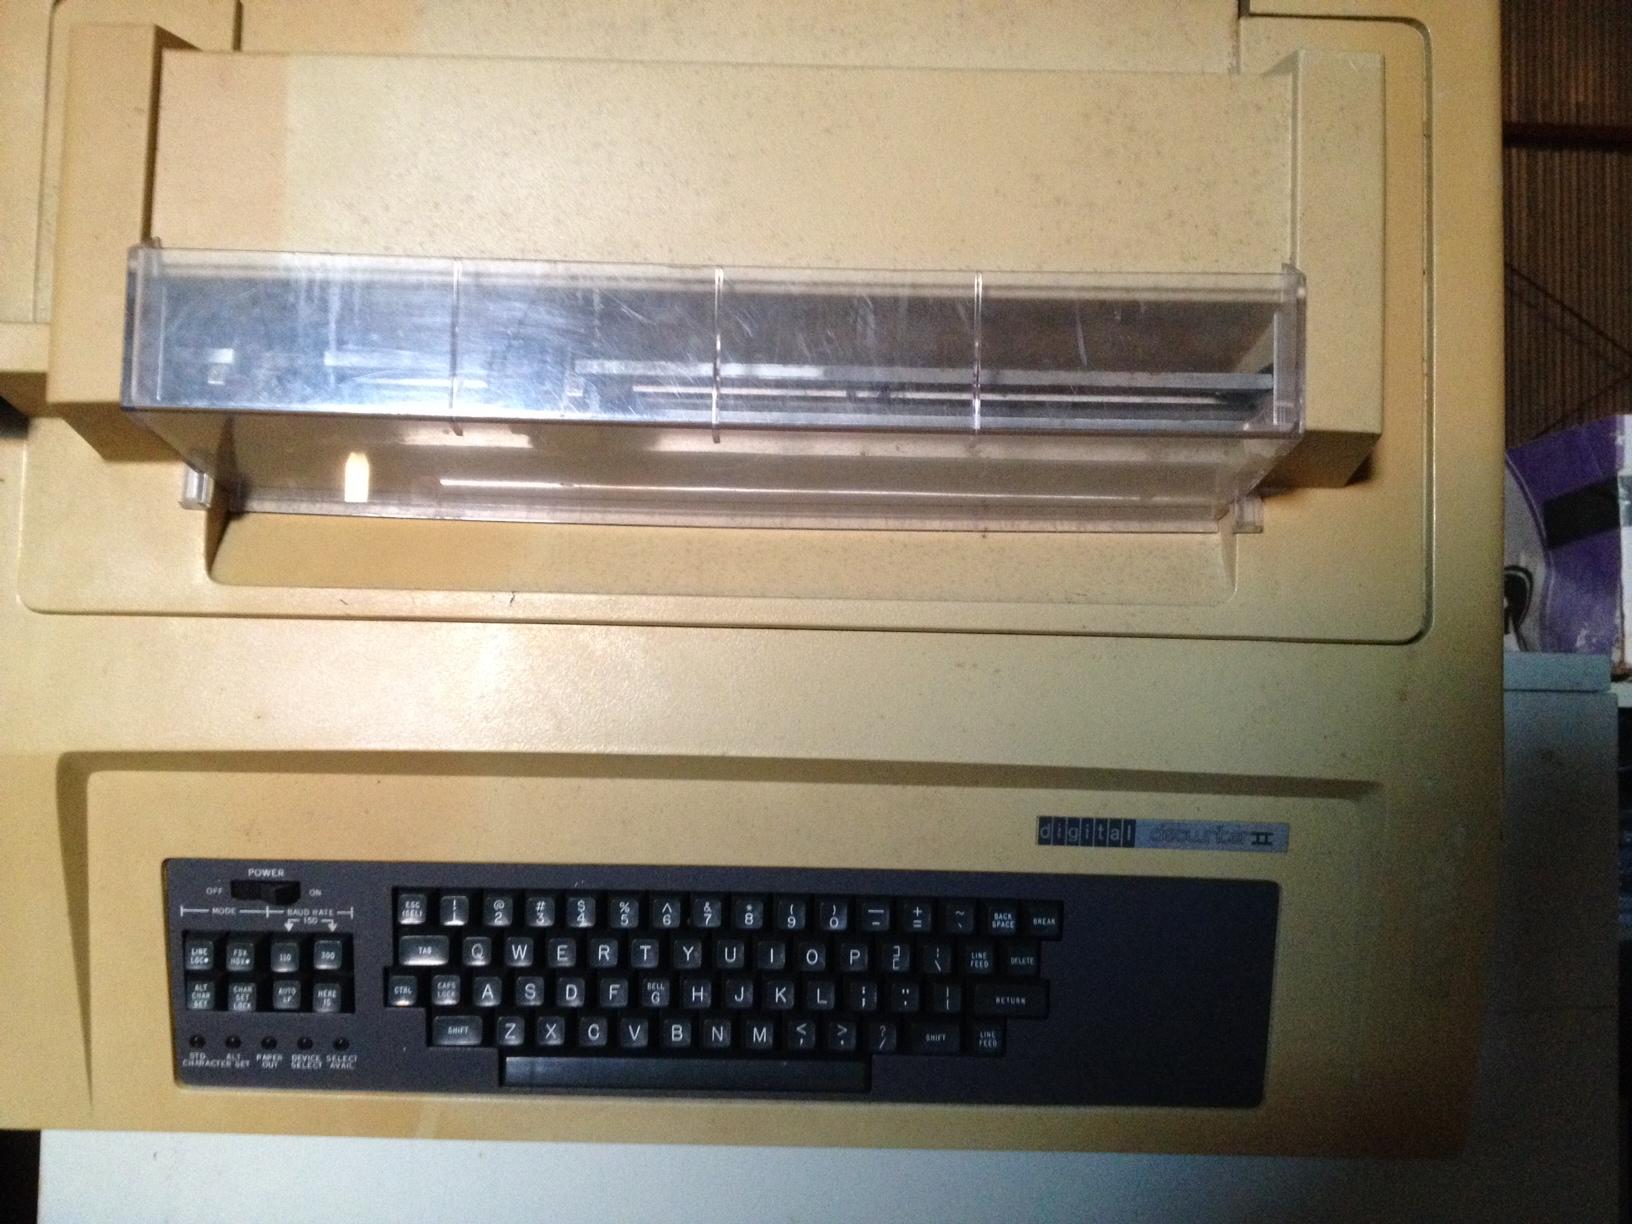 Decwriter II